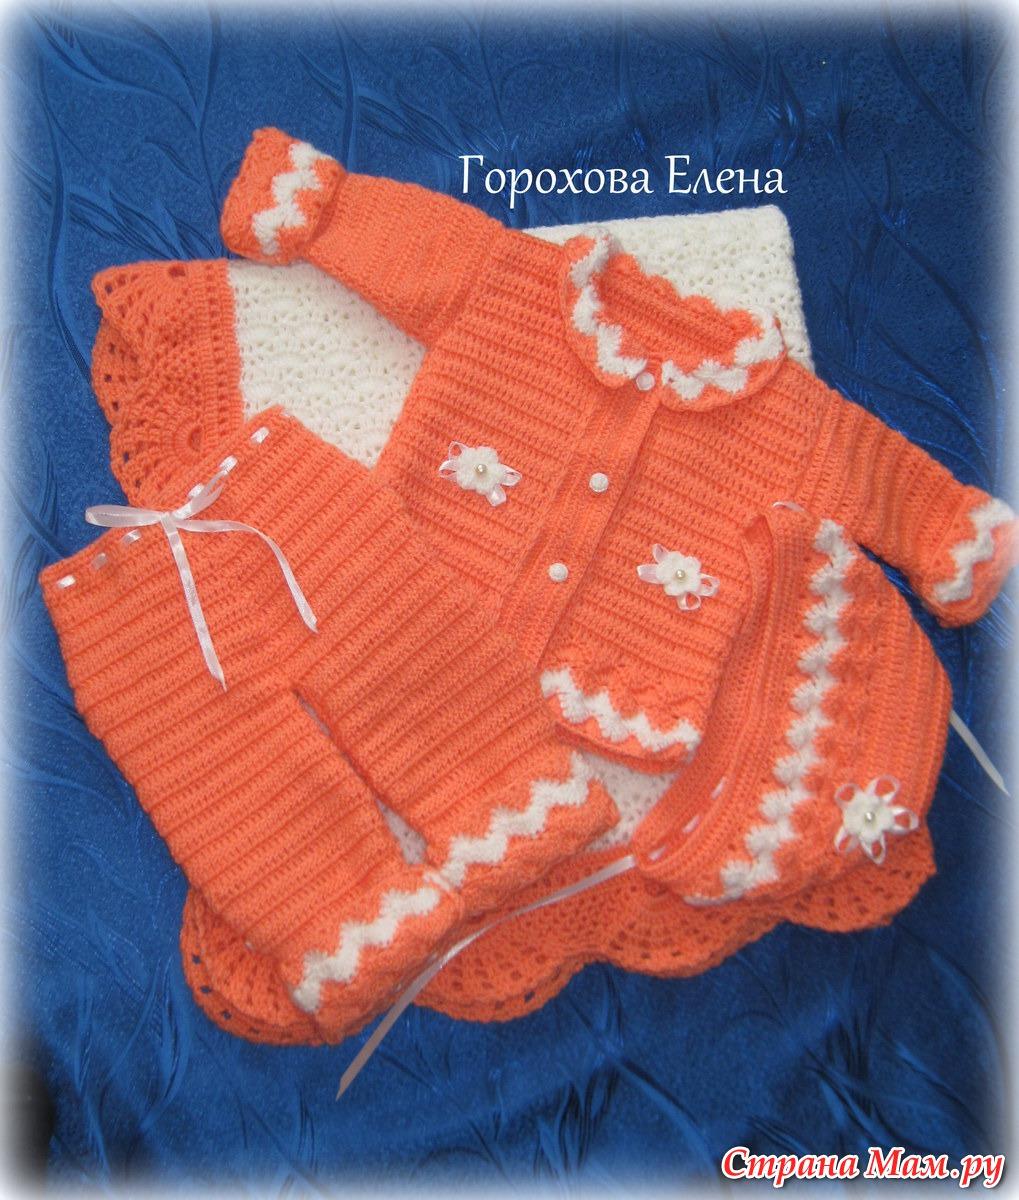 Комплект для новорожденного, описание, пример вязания 69